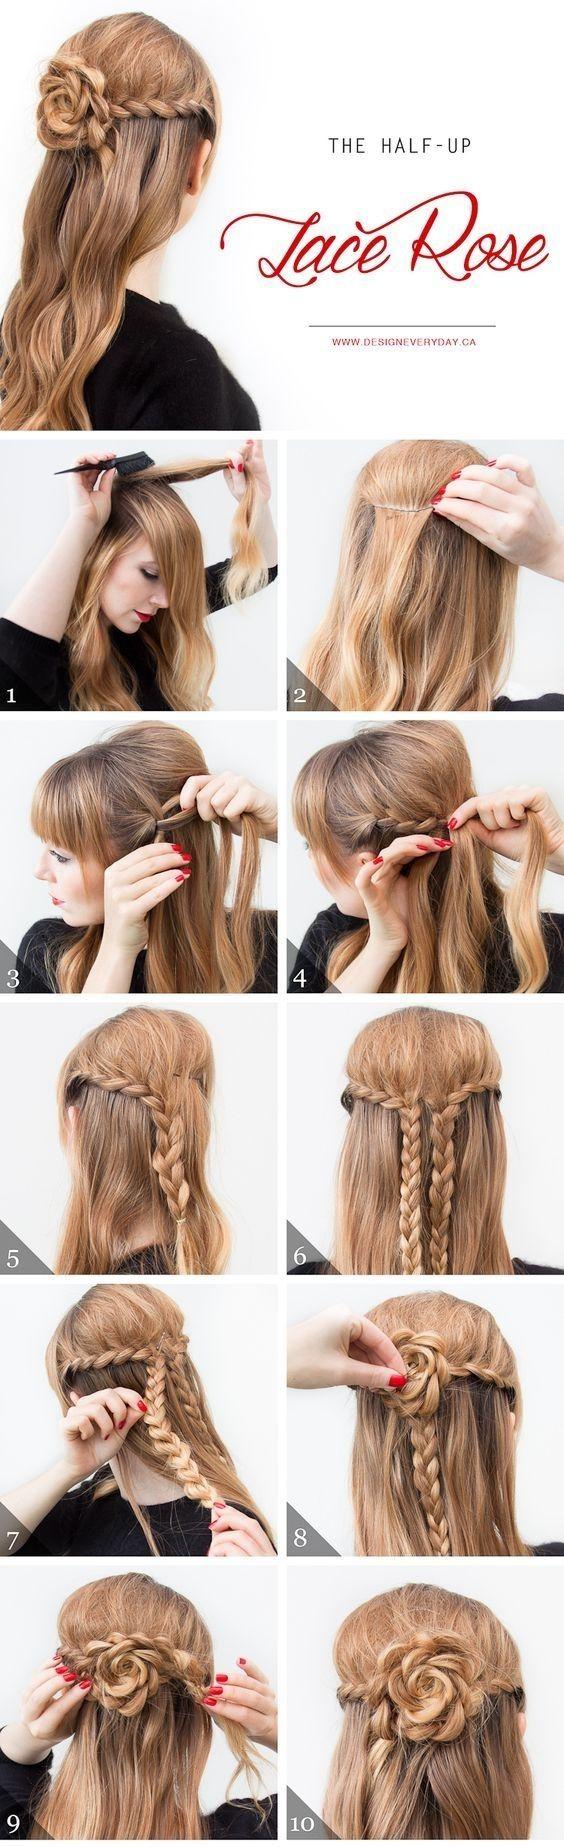 easy diy hairstyles for beginners the easy diy hairstyles